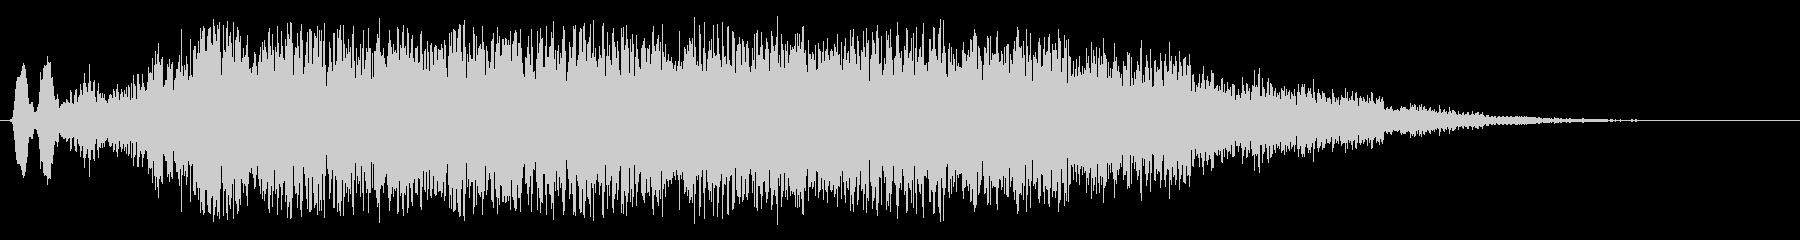 ヒューン(風の吹くような効果音)の未再生の波形